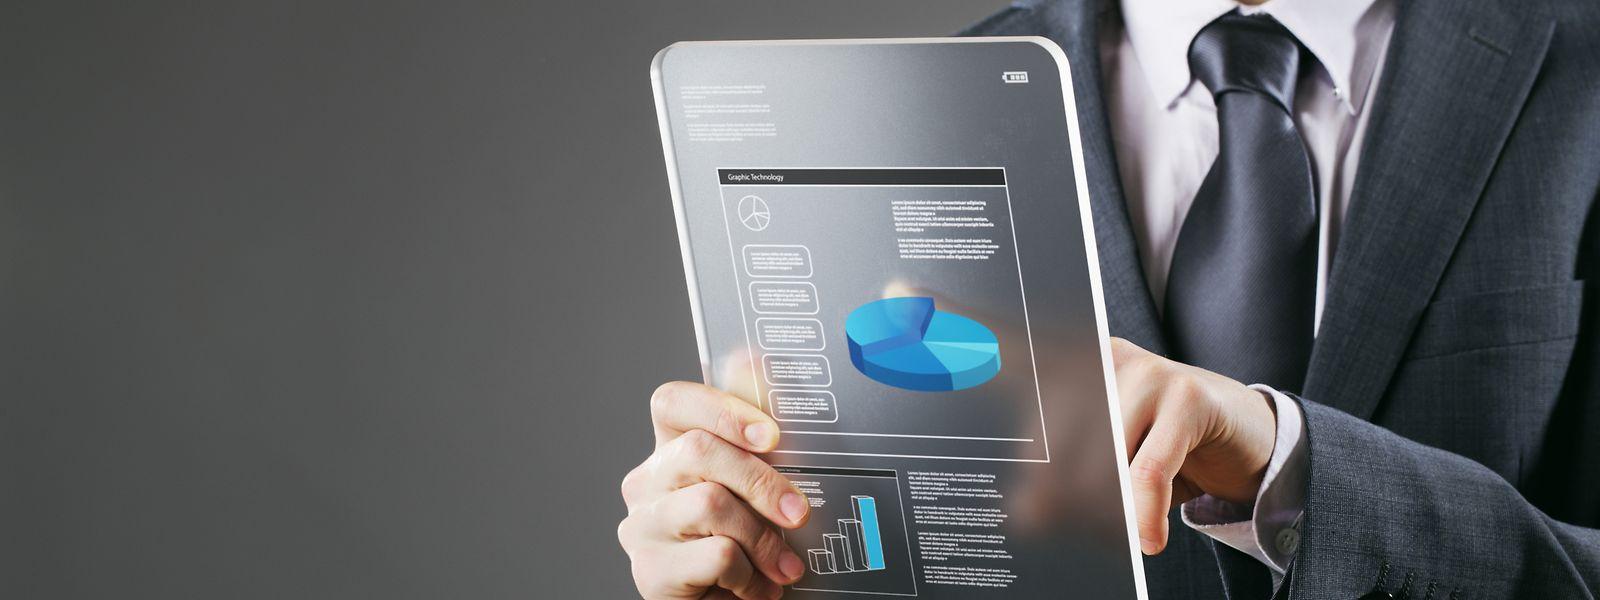 Viele Tätigkeiten in Finanzhäusern - von Transaktionsüberwachung bis hin zur Kundenberatung - werden inzwischen von Computerprogrammen erledigt.